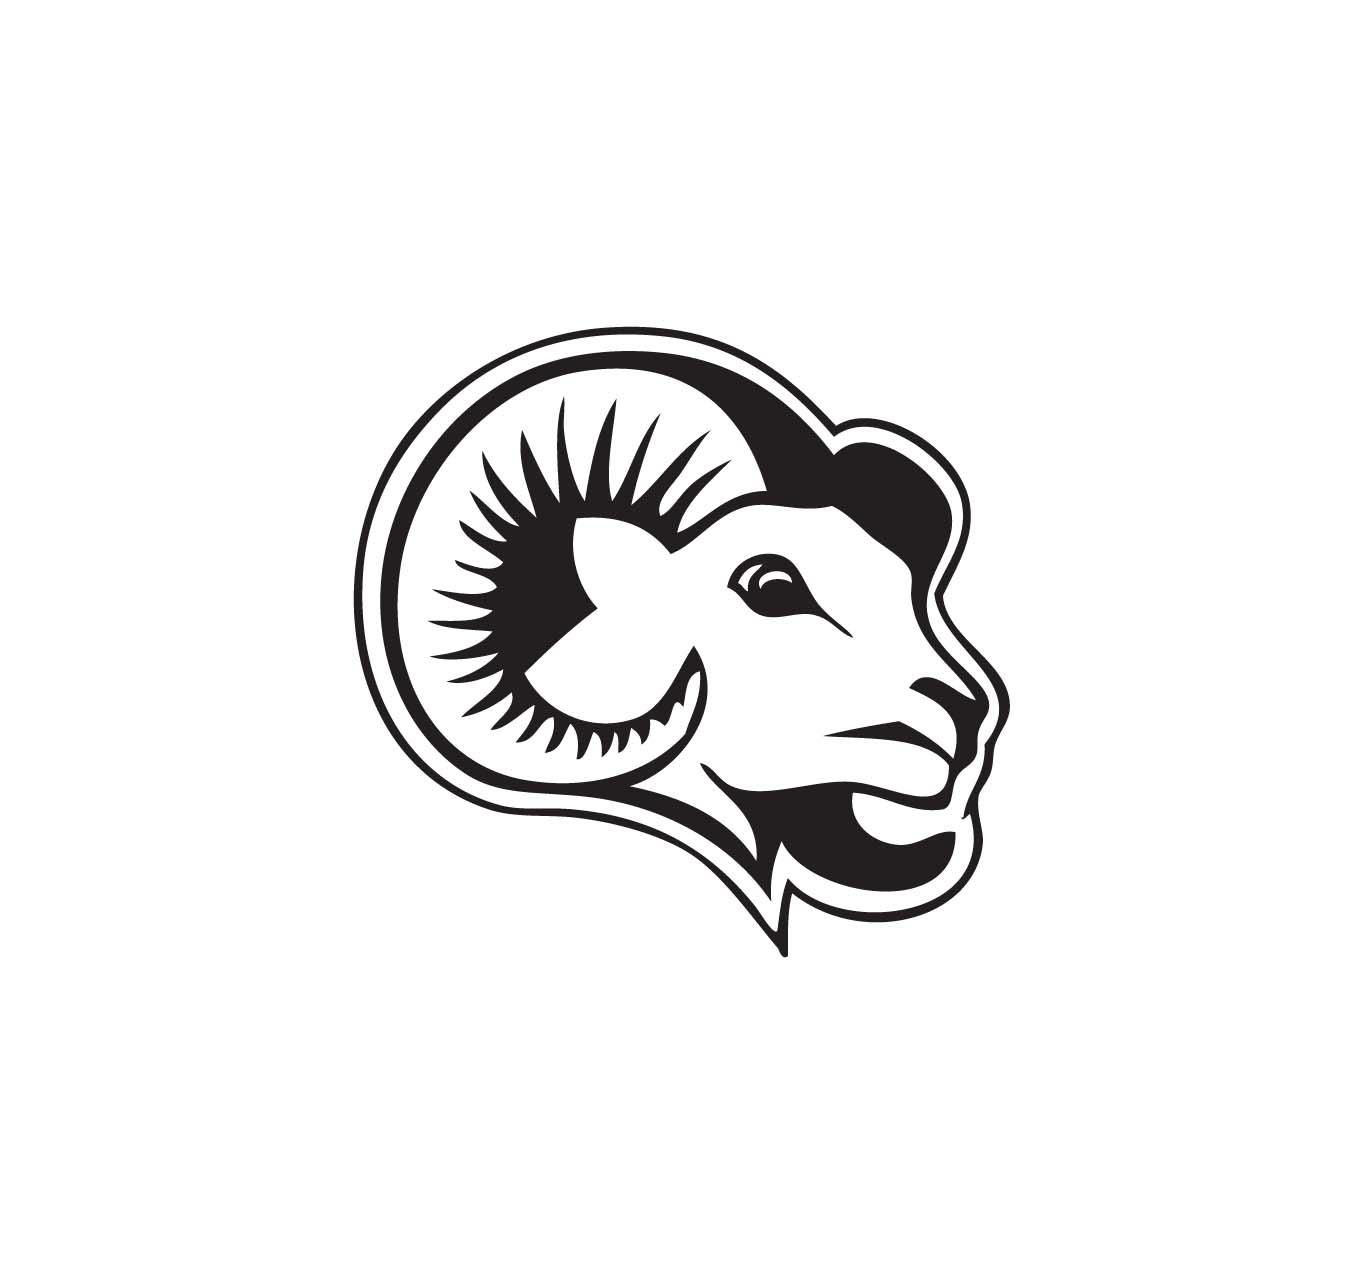 Dall Sheep Ram Clip Art At Cl